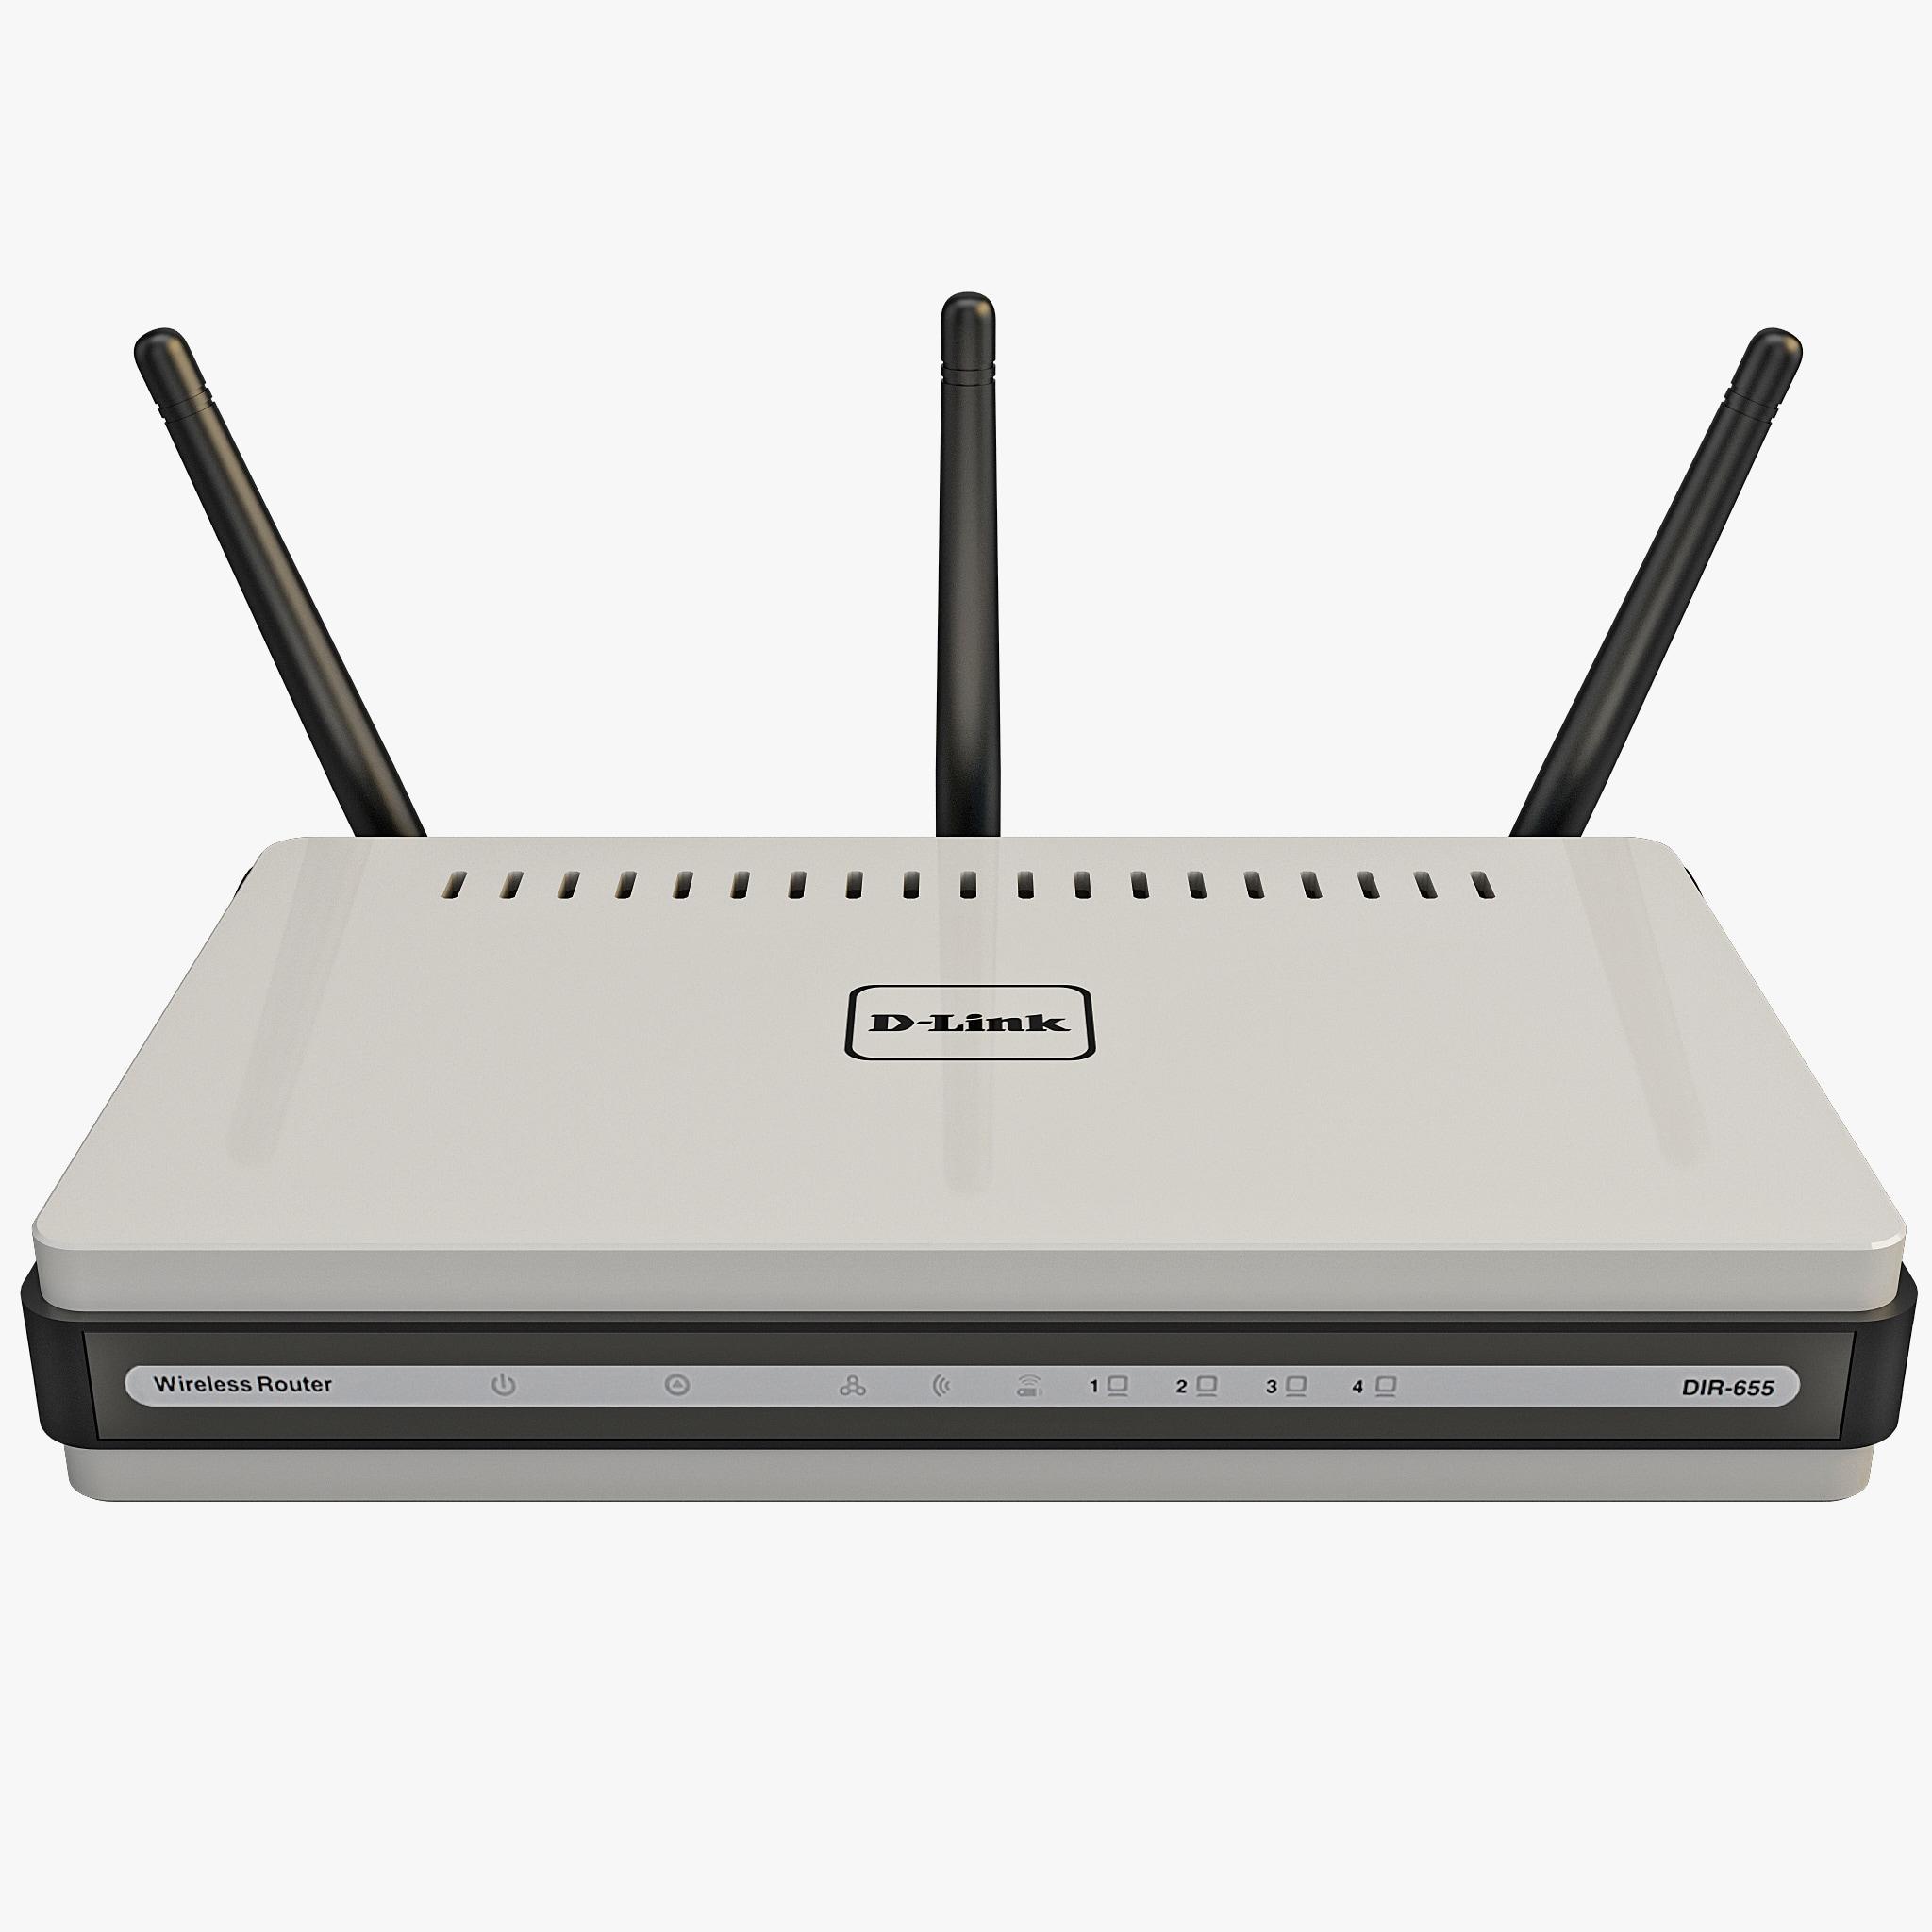 3ds max d-link dir-655 wireless router